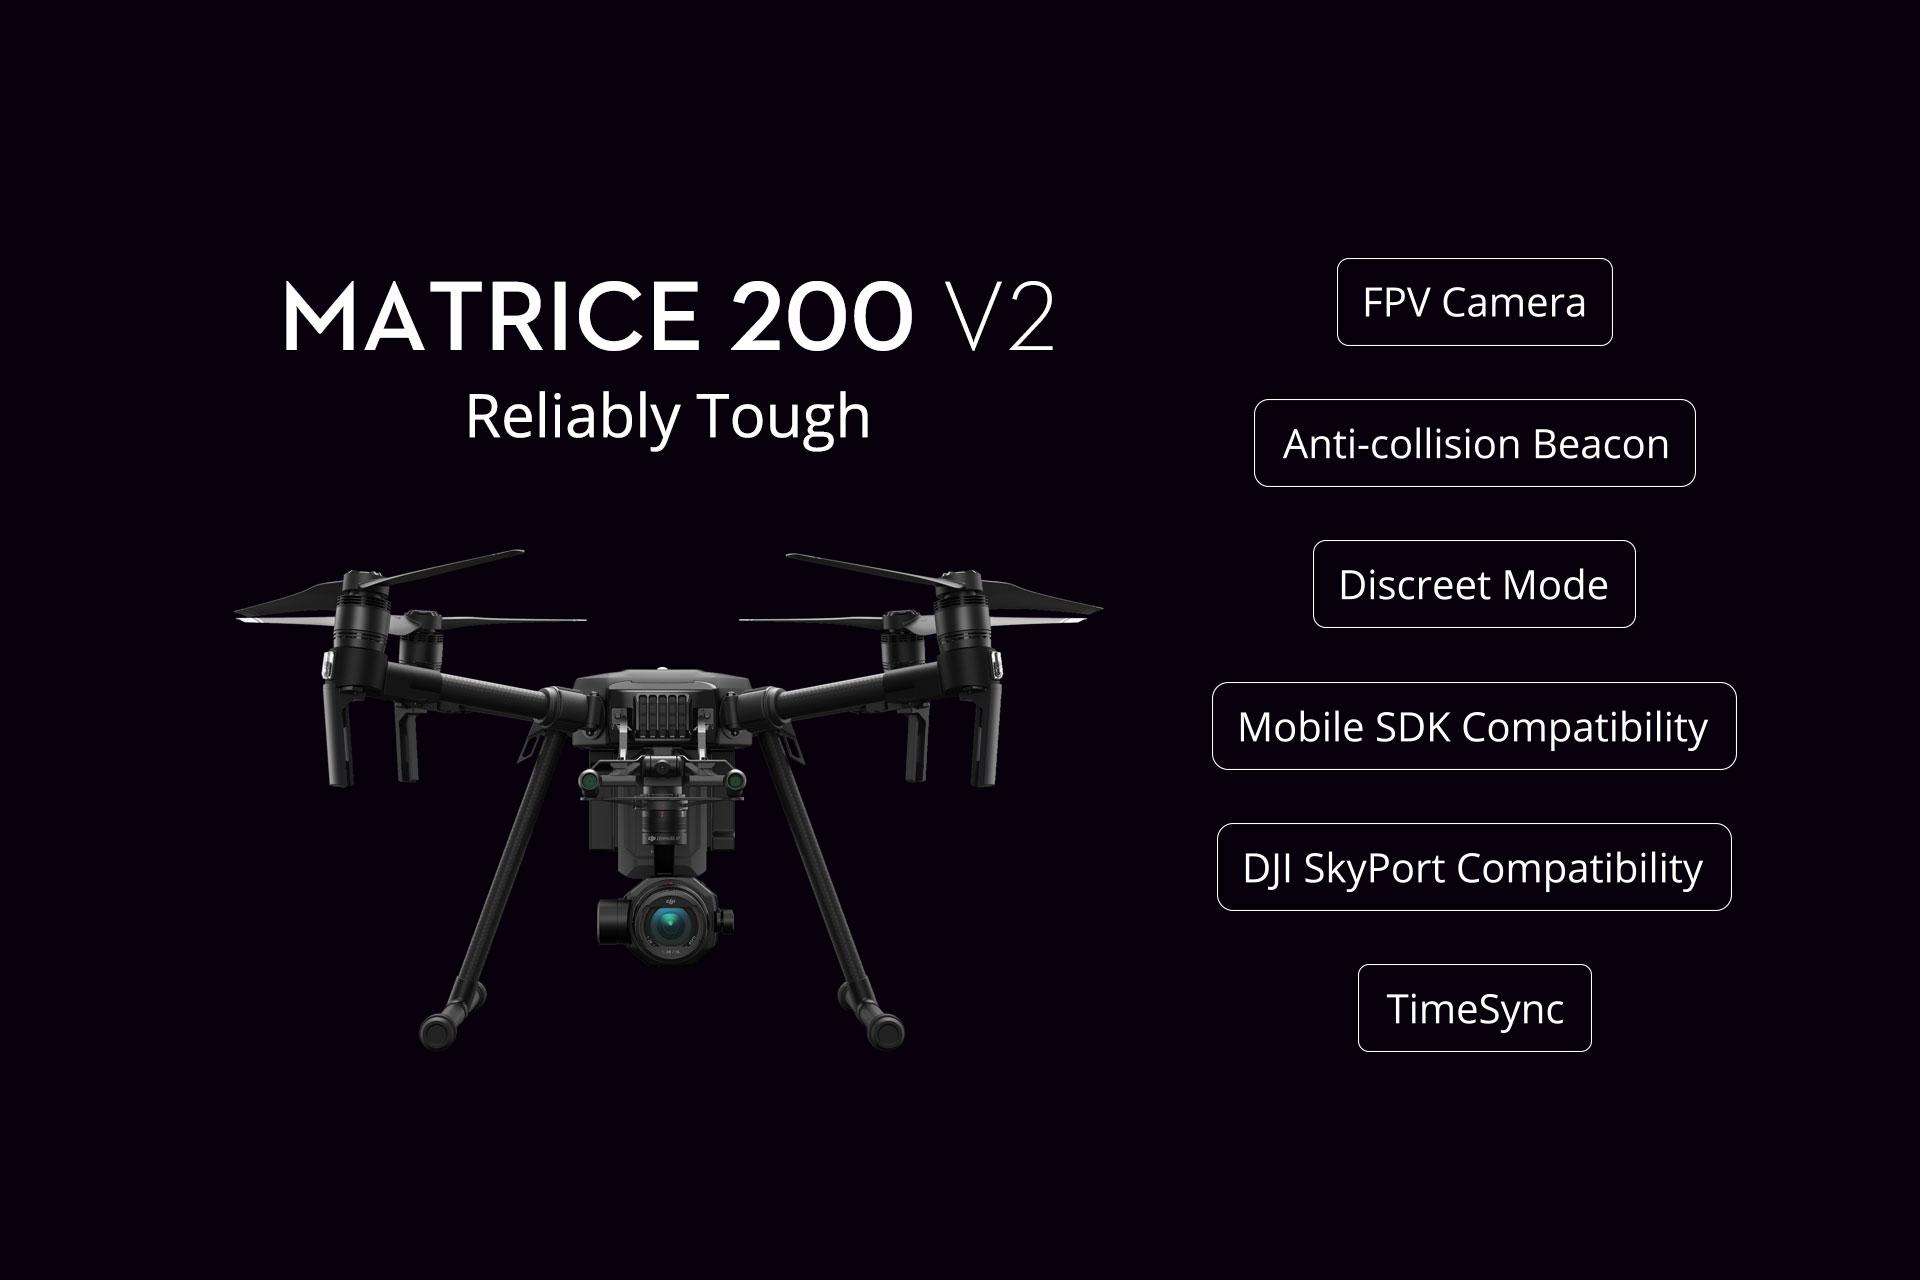 DJI Matrice 200 V2